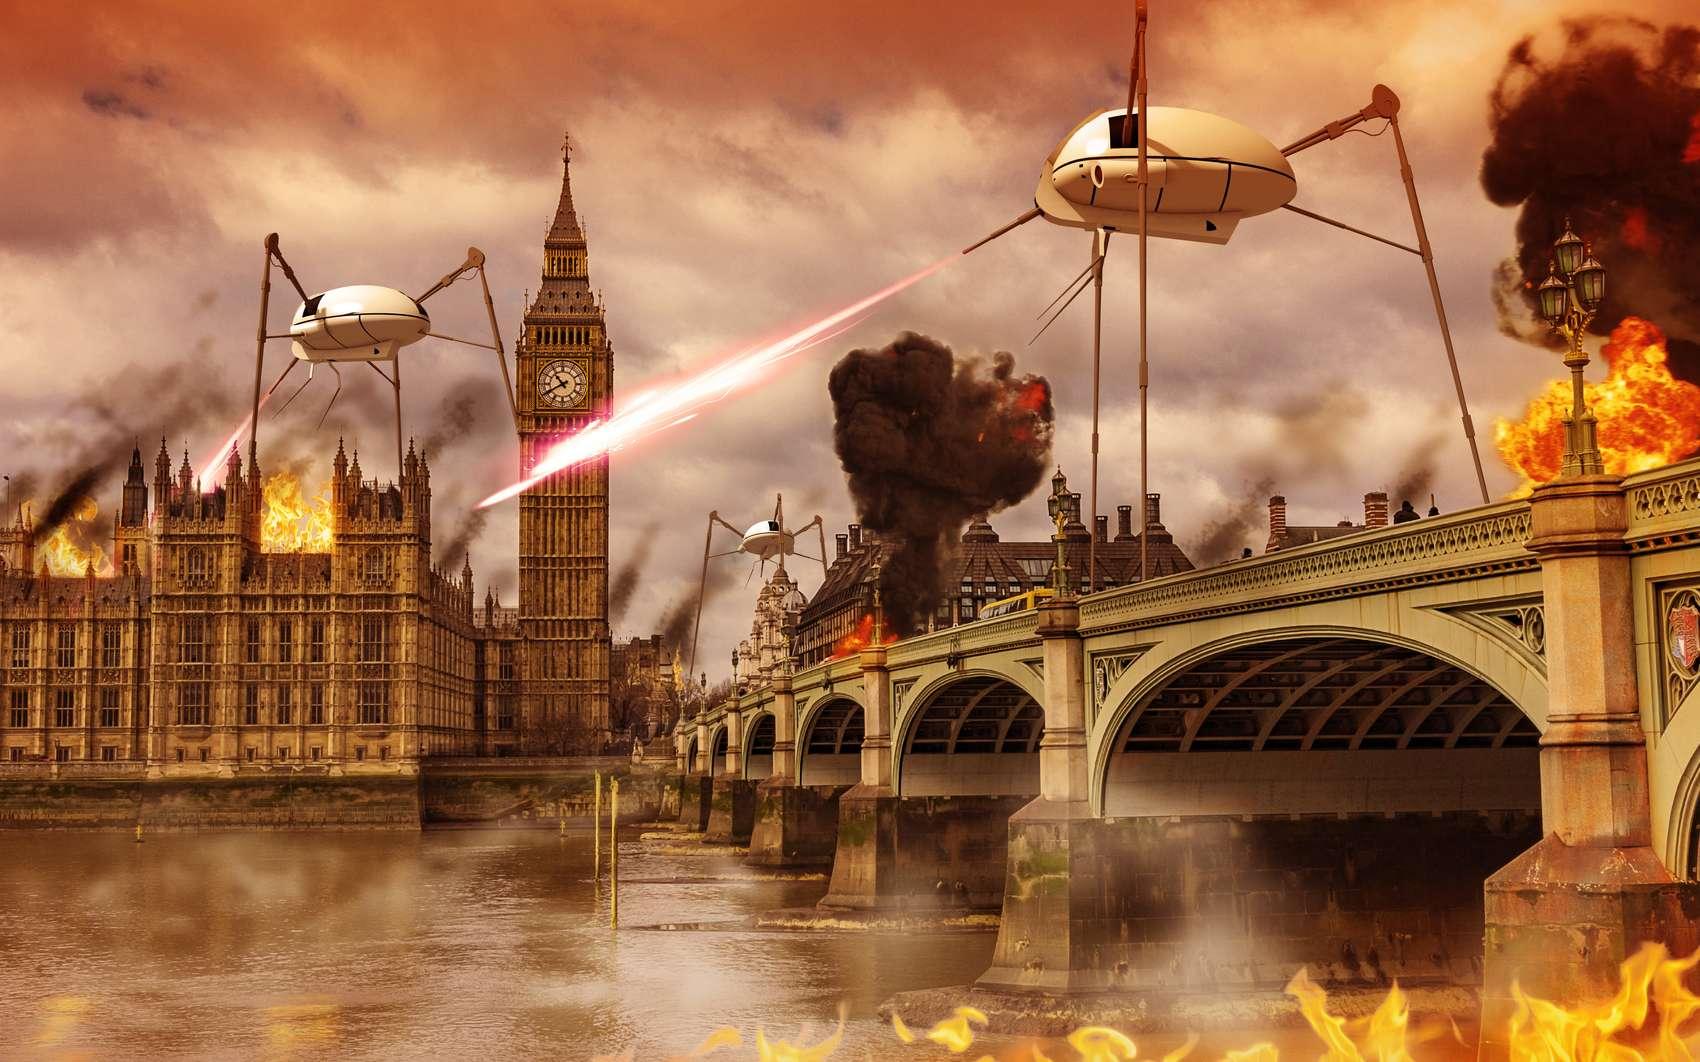 Les Martiens envahissent Londres à l'aide de leur Fumée Noire et de leur Rayon Ardent. © ratpack223, Fotolia